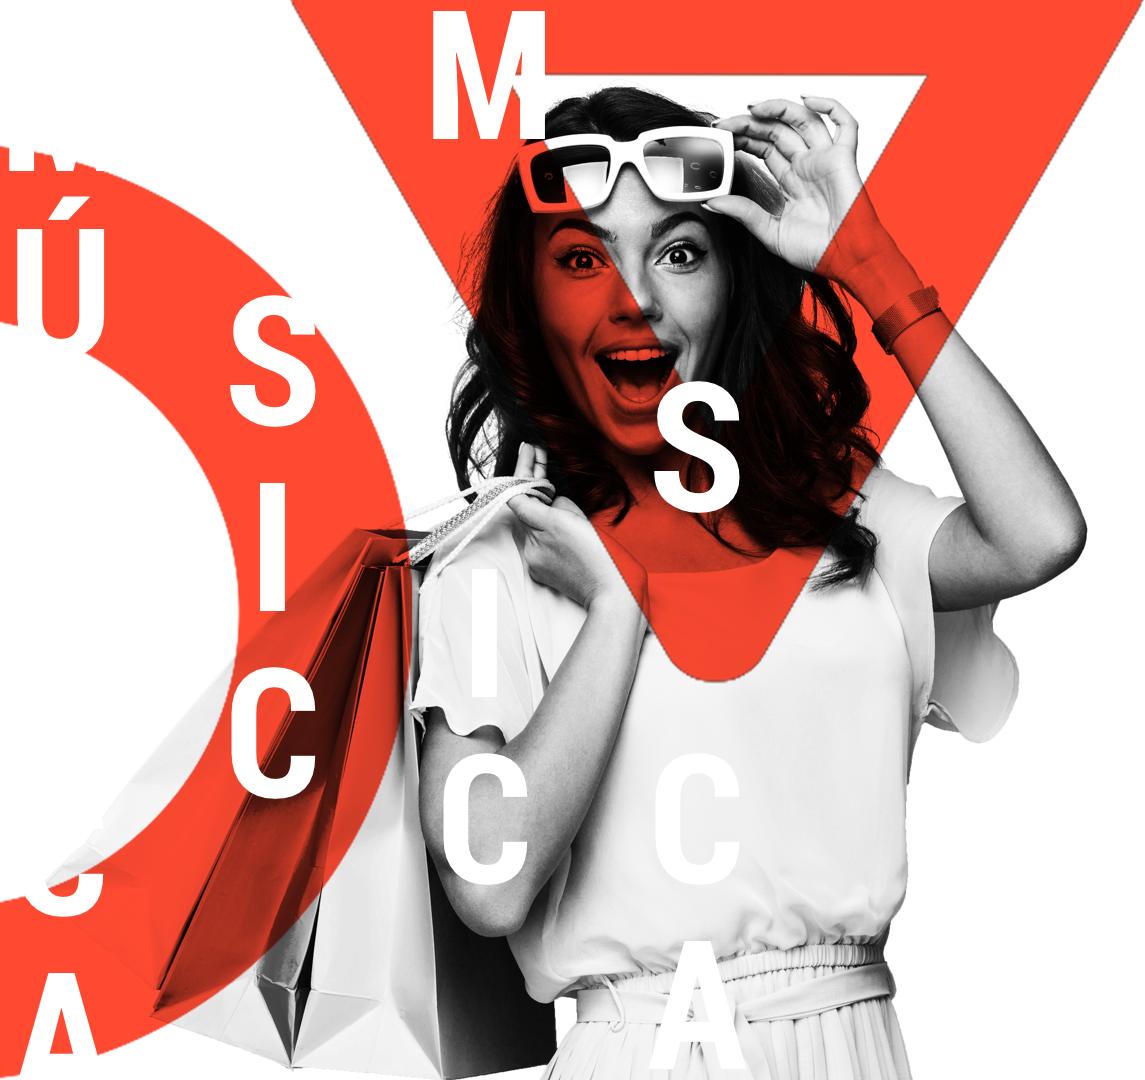 Musica ambiental locales, aumenta ventas, fideliza clientes